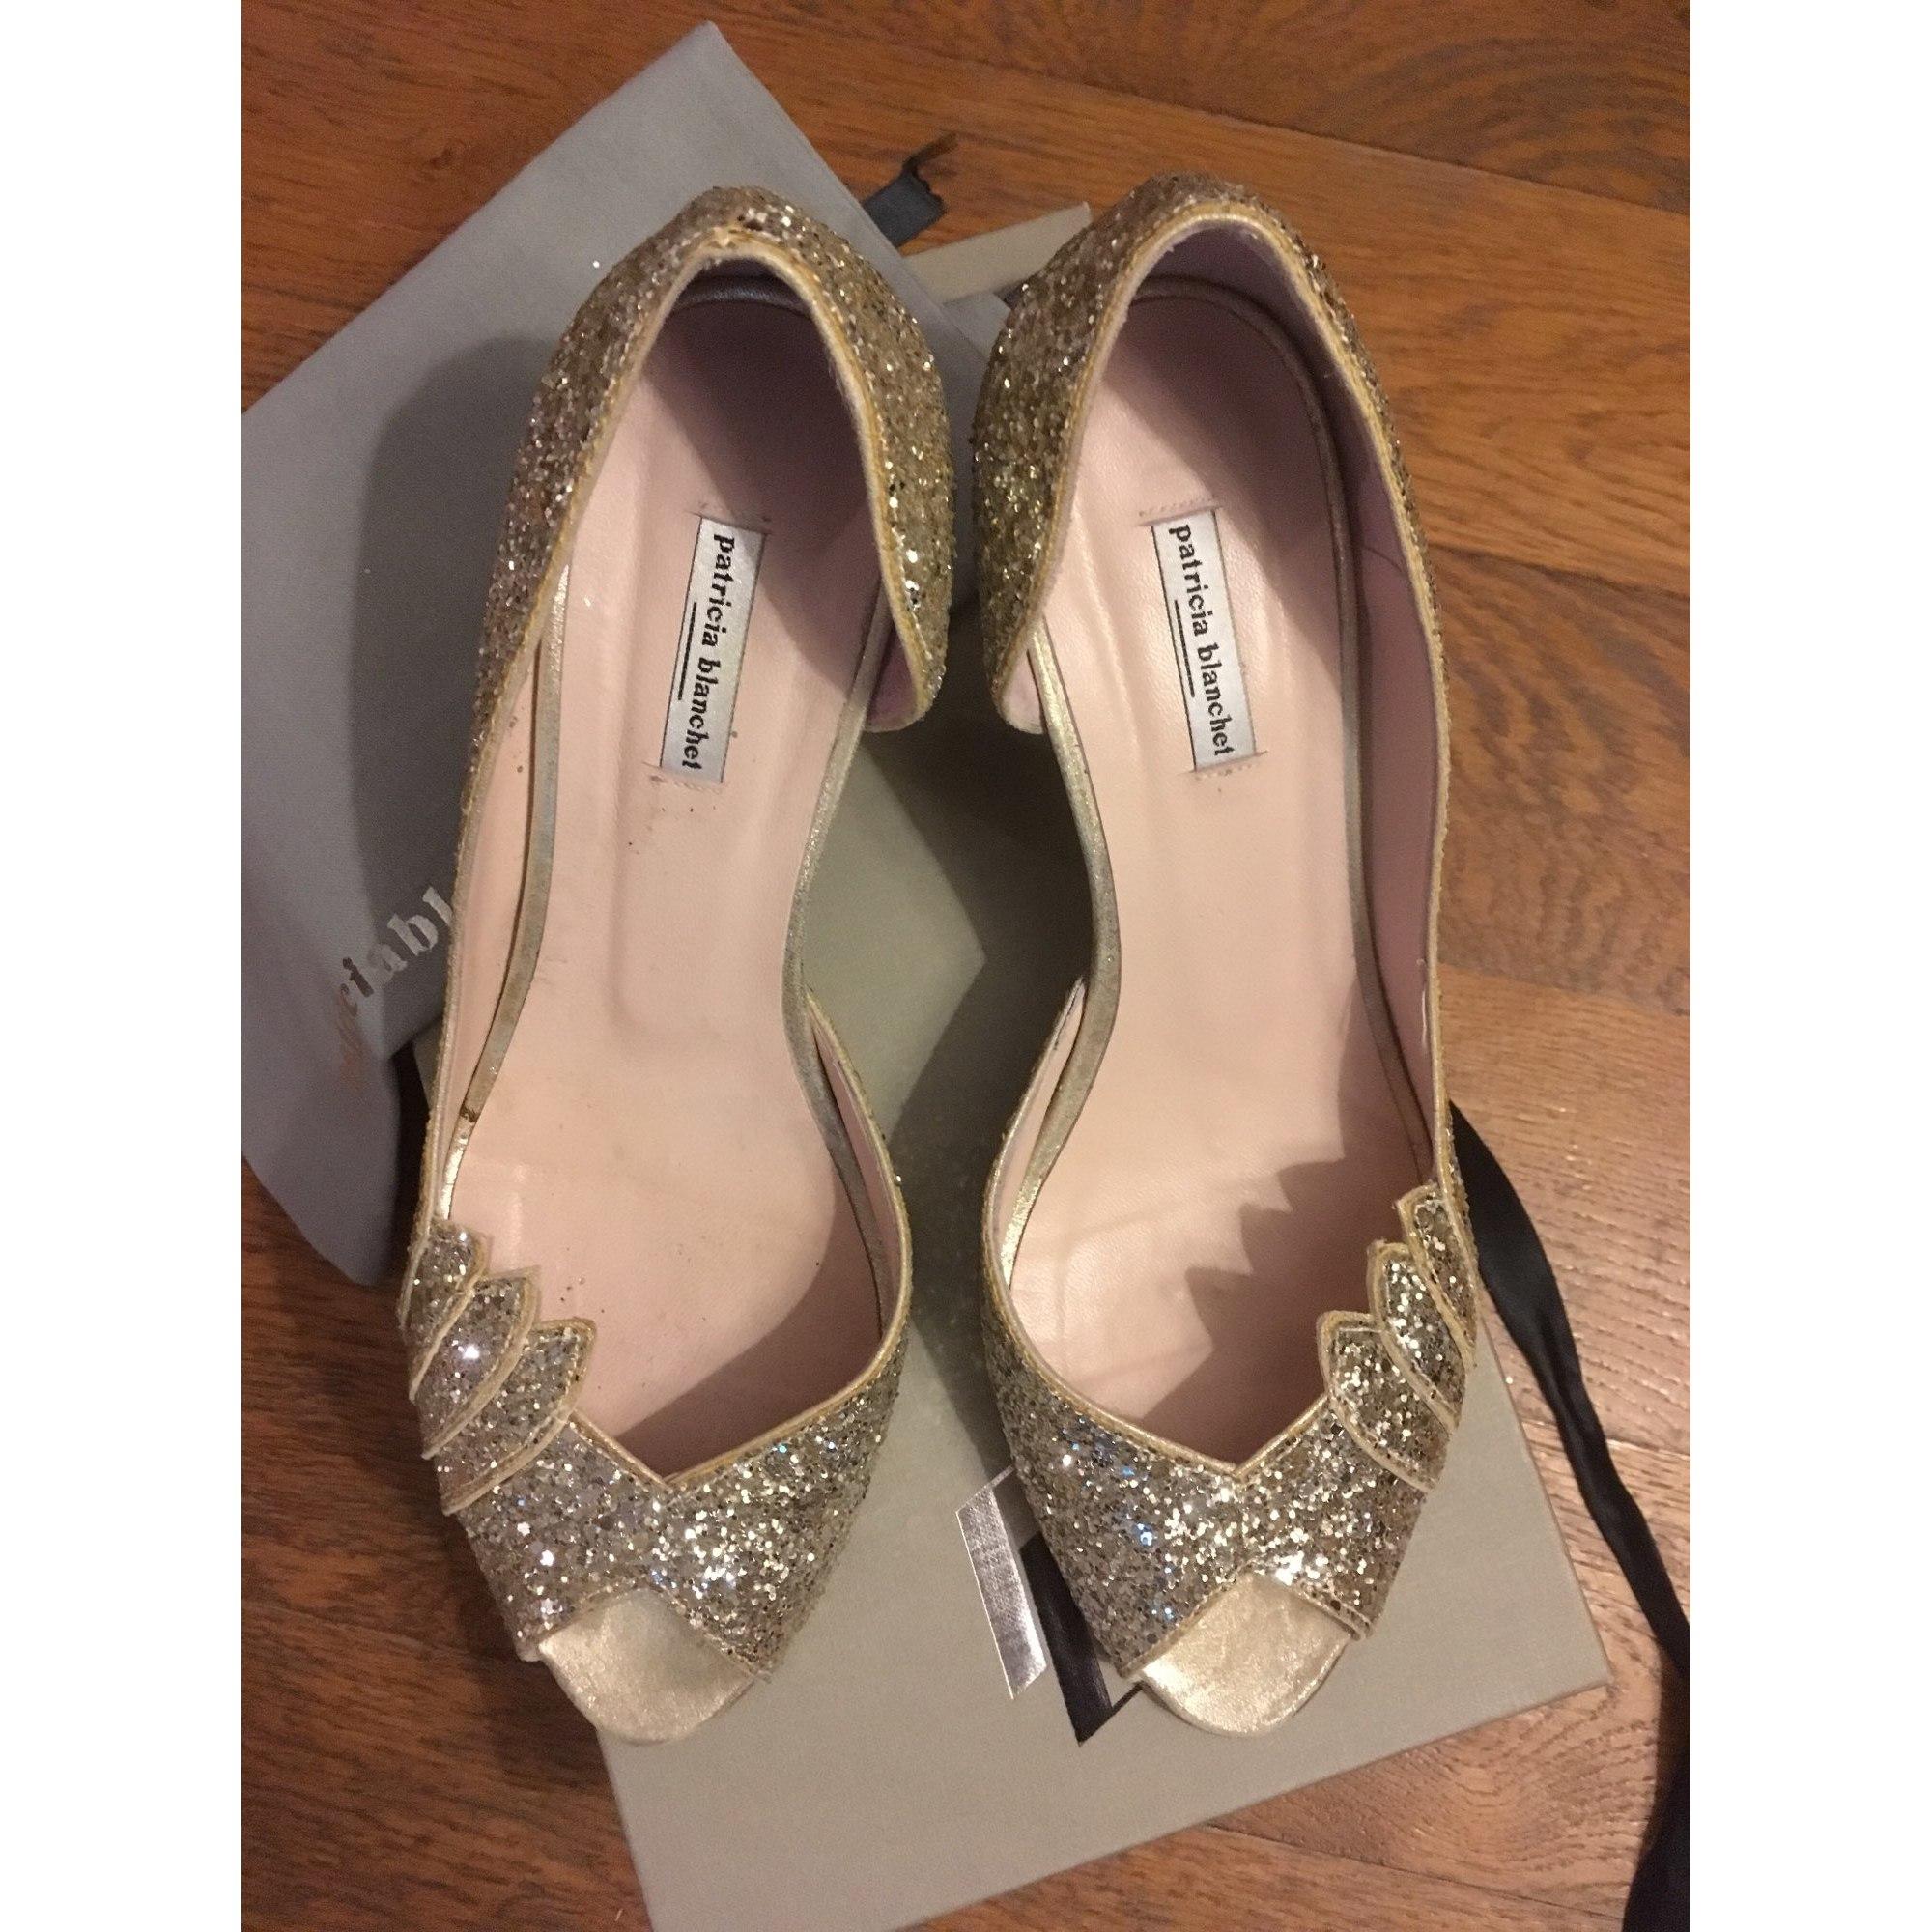 Escarpins dorés Patricia Blanchet | Chaussures argentées